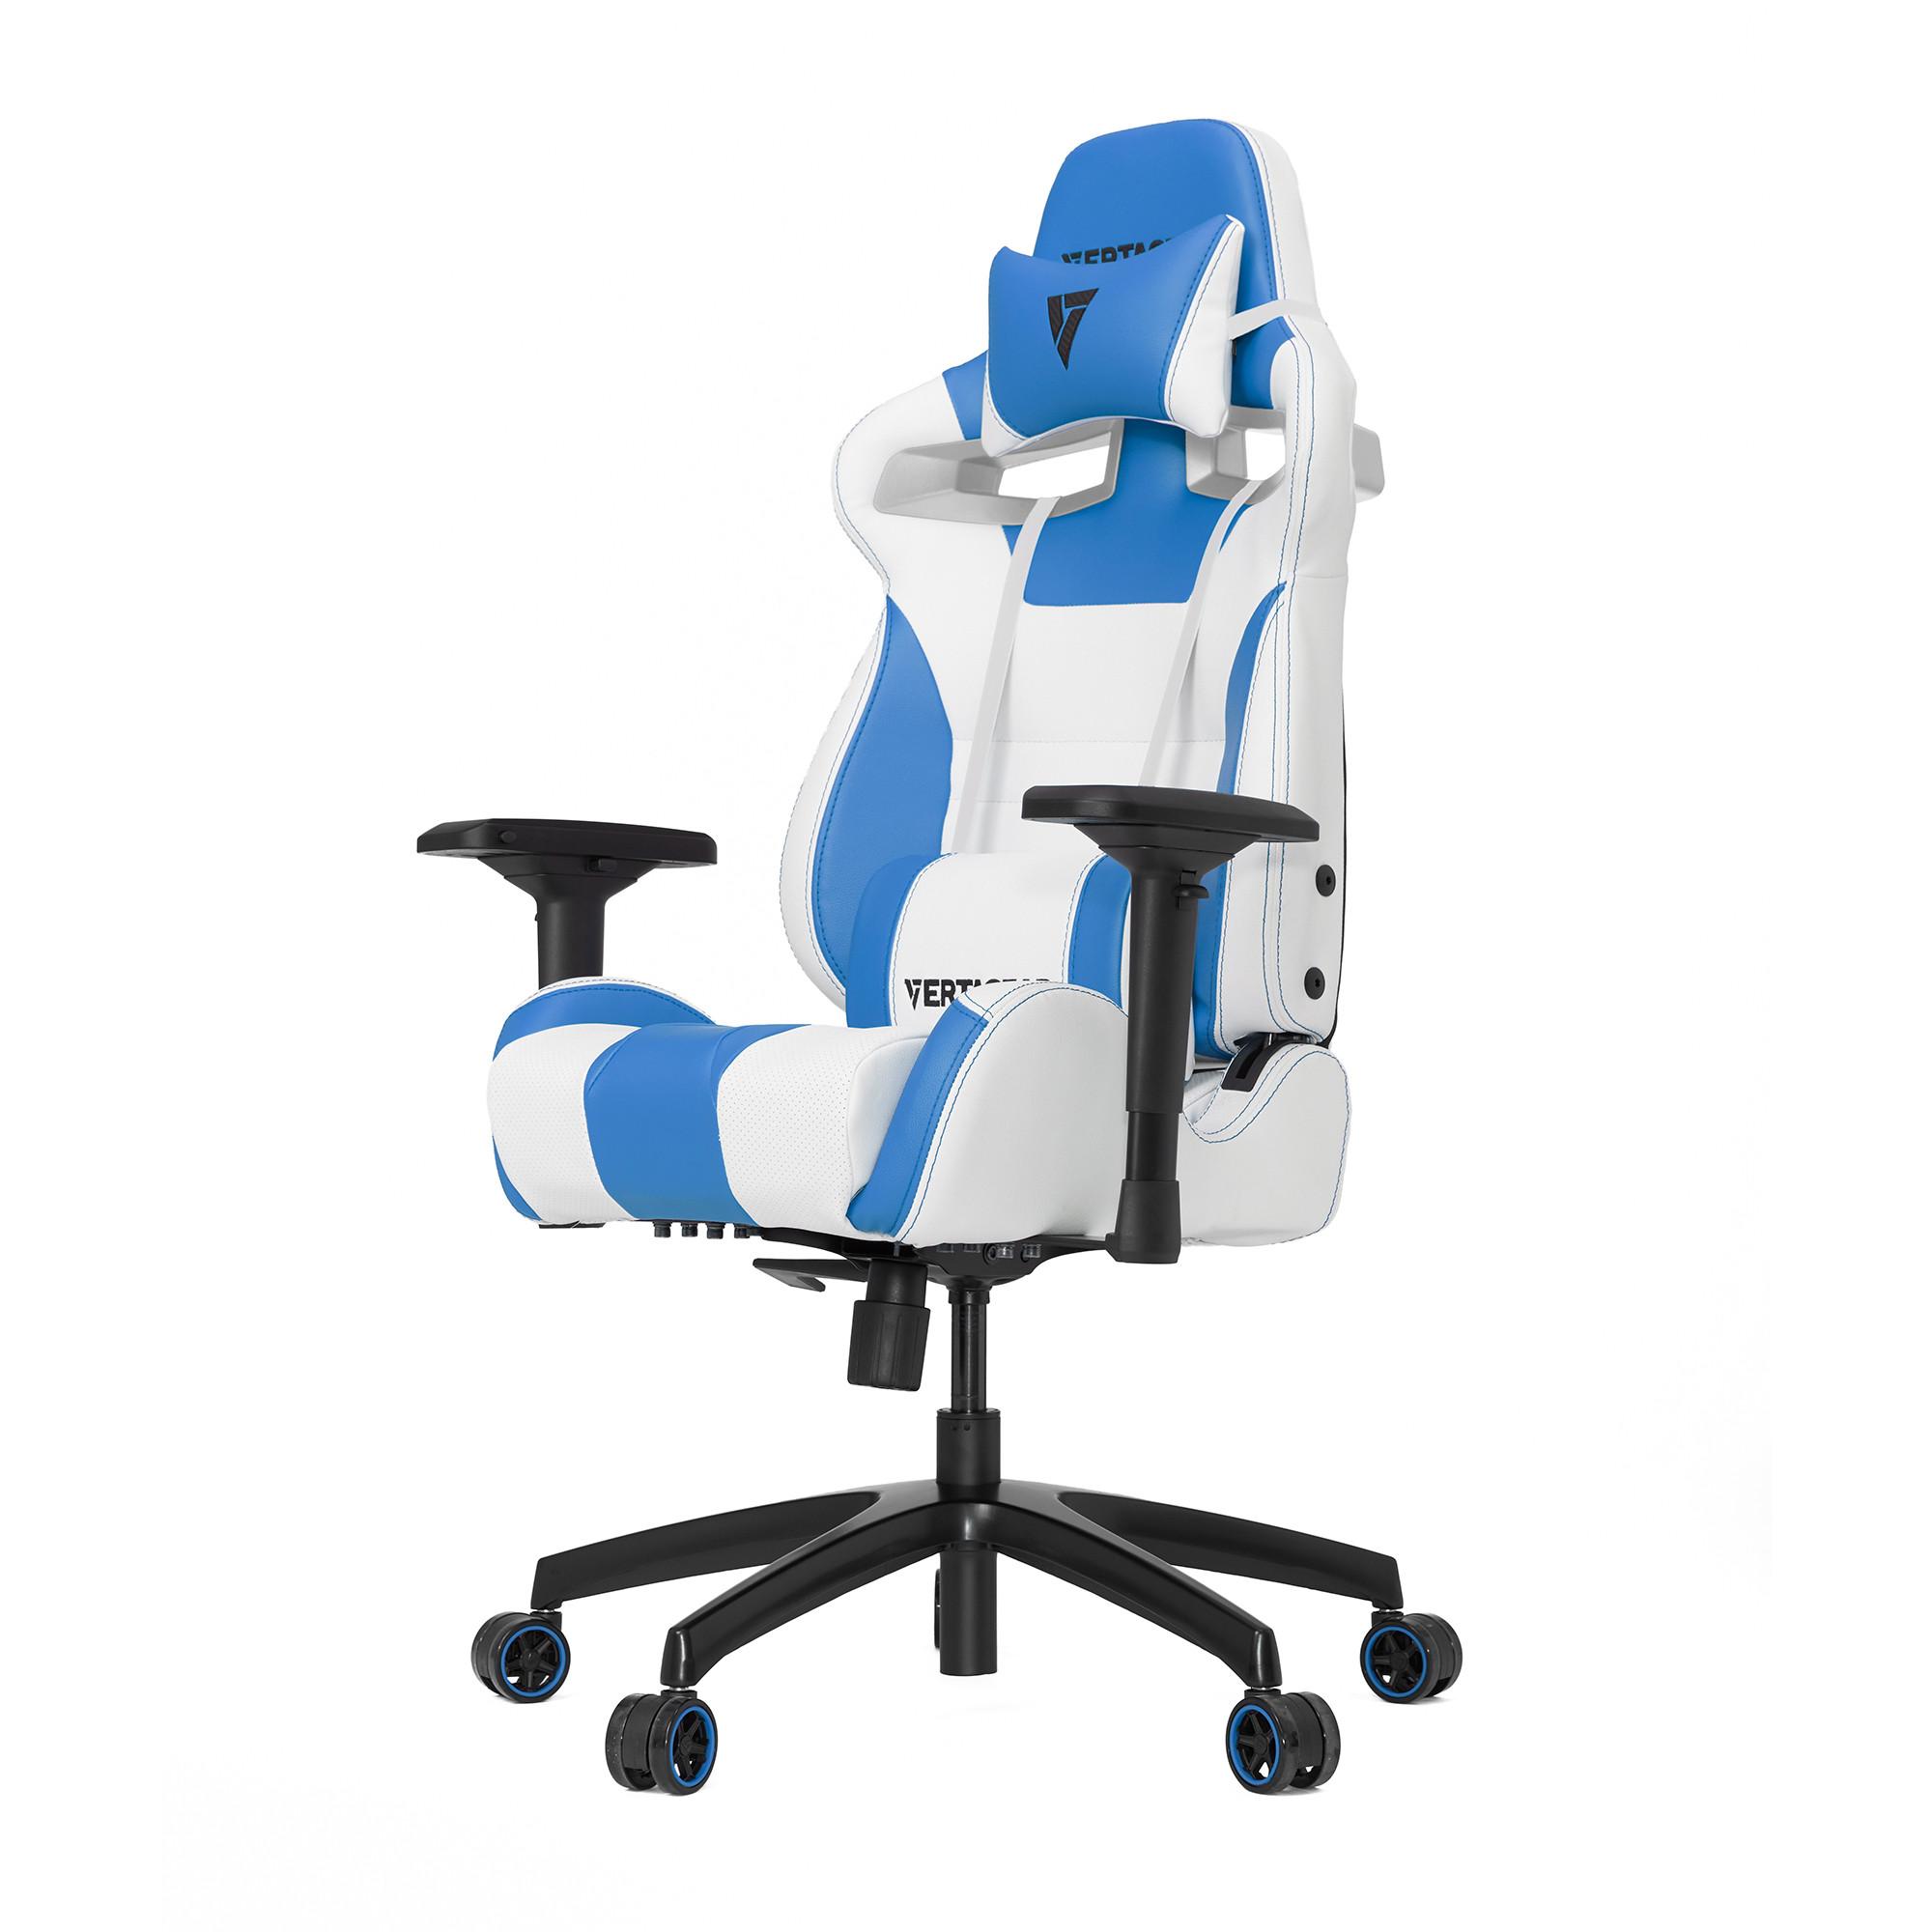 Профессиональное киберспортивное кресло Vertagear SL4000 белый/синийНабивка в SL-4000 сделанная из высокоплотной эластичной пены, которая добавляет отличную поддержку и удобство в положении сидя.&#13;<br>&#13;<br>Элегантное исполнение модели SL-4000 сделано из высококачественной PVC кожи, которая делает покрытие невероятно прочным и дает креслу роскошный вид. Этот материал легко чистить и поддерживать в хорошем состоянии, благодаря цветной прошивке и водозащитным характеристикам.<br>